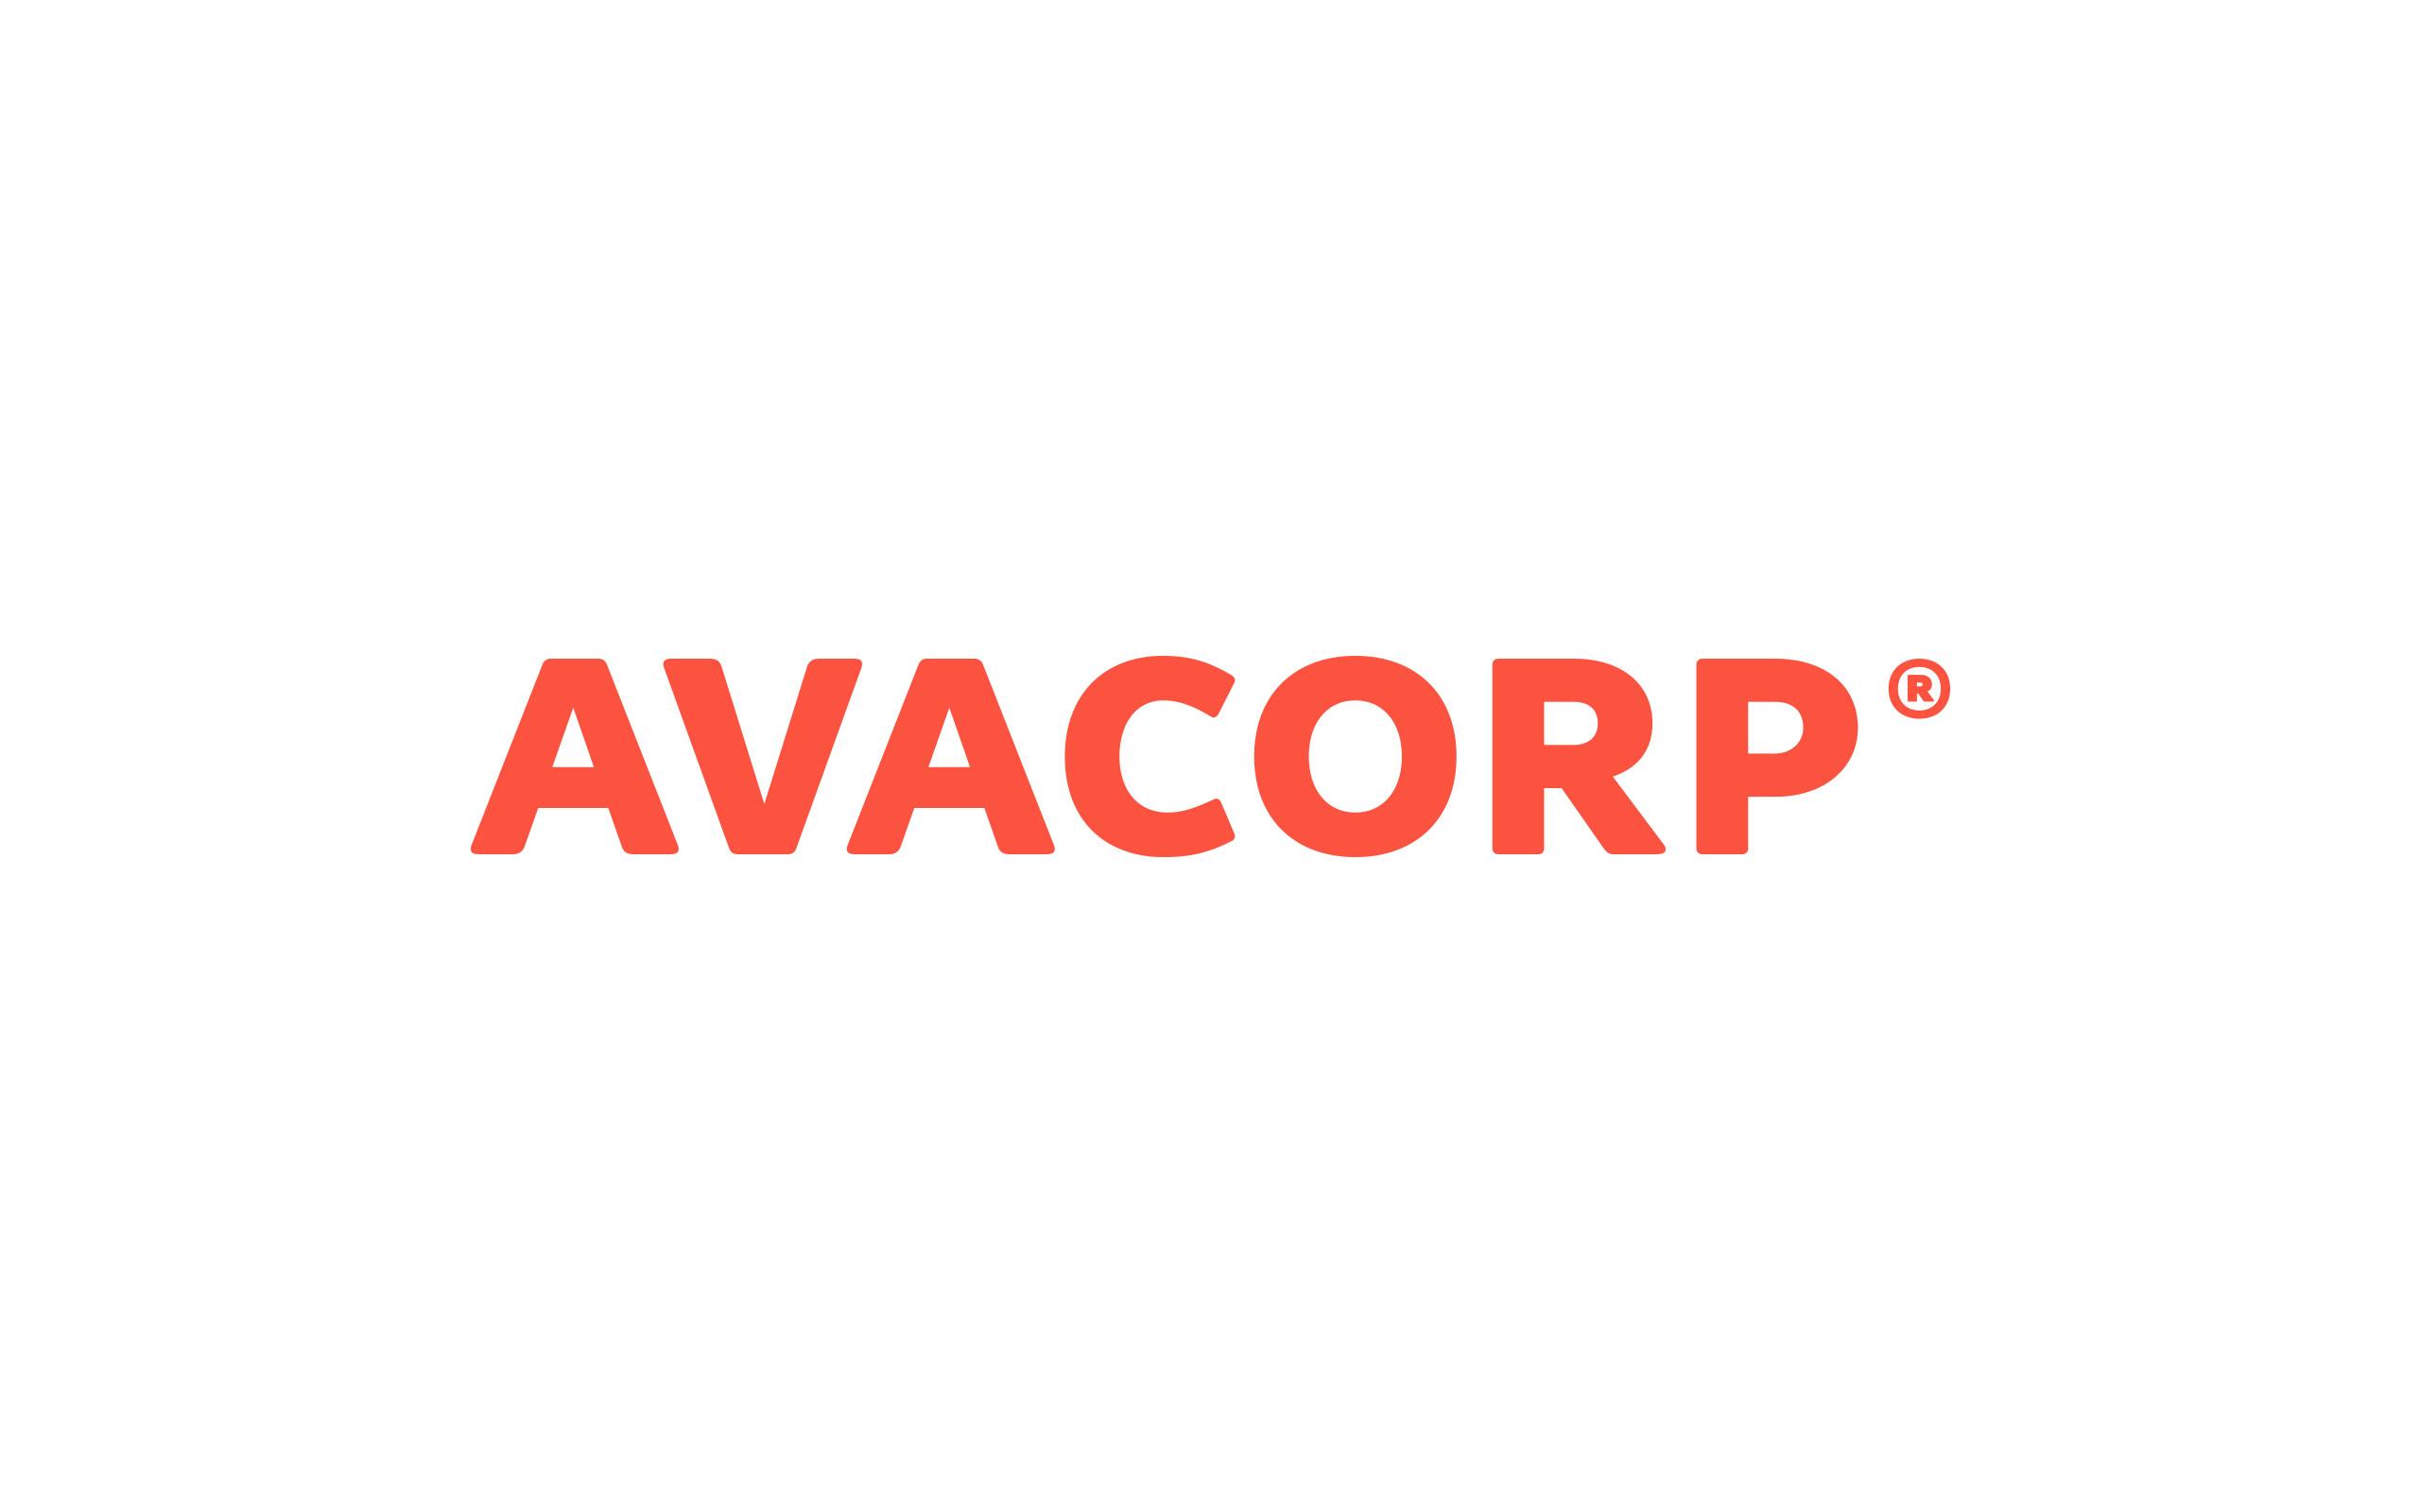 Avacorp-018